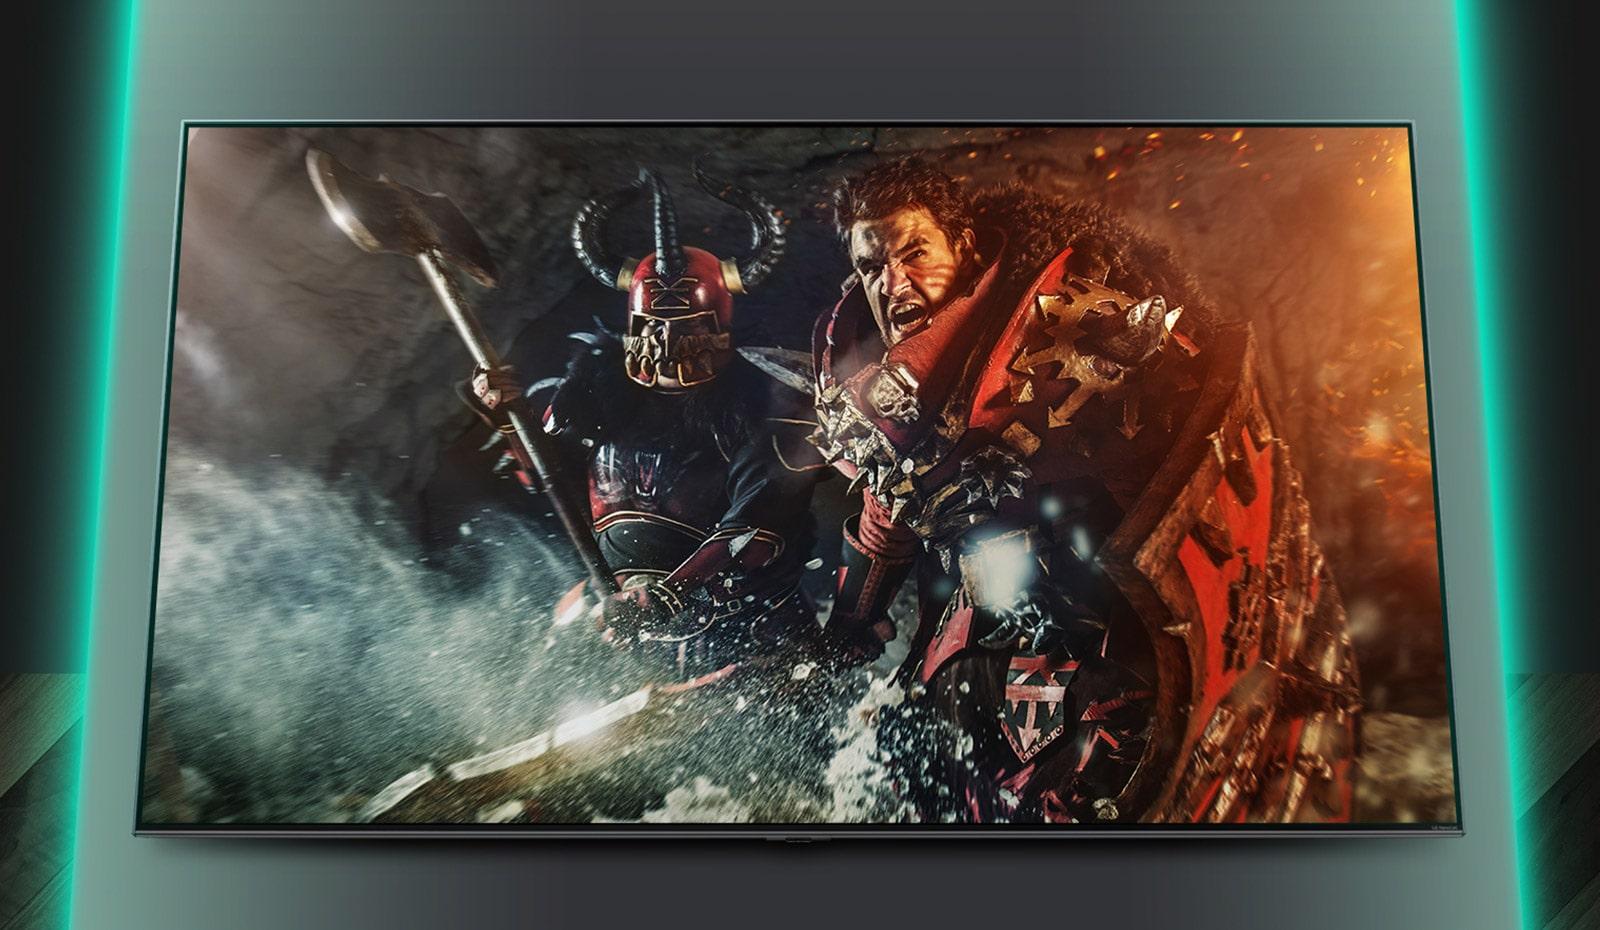 La pantalla del televisor muestra la escena del juego de batallas.